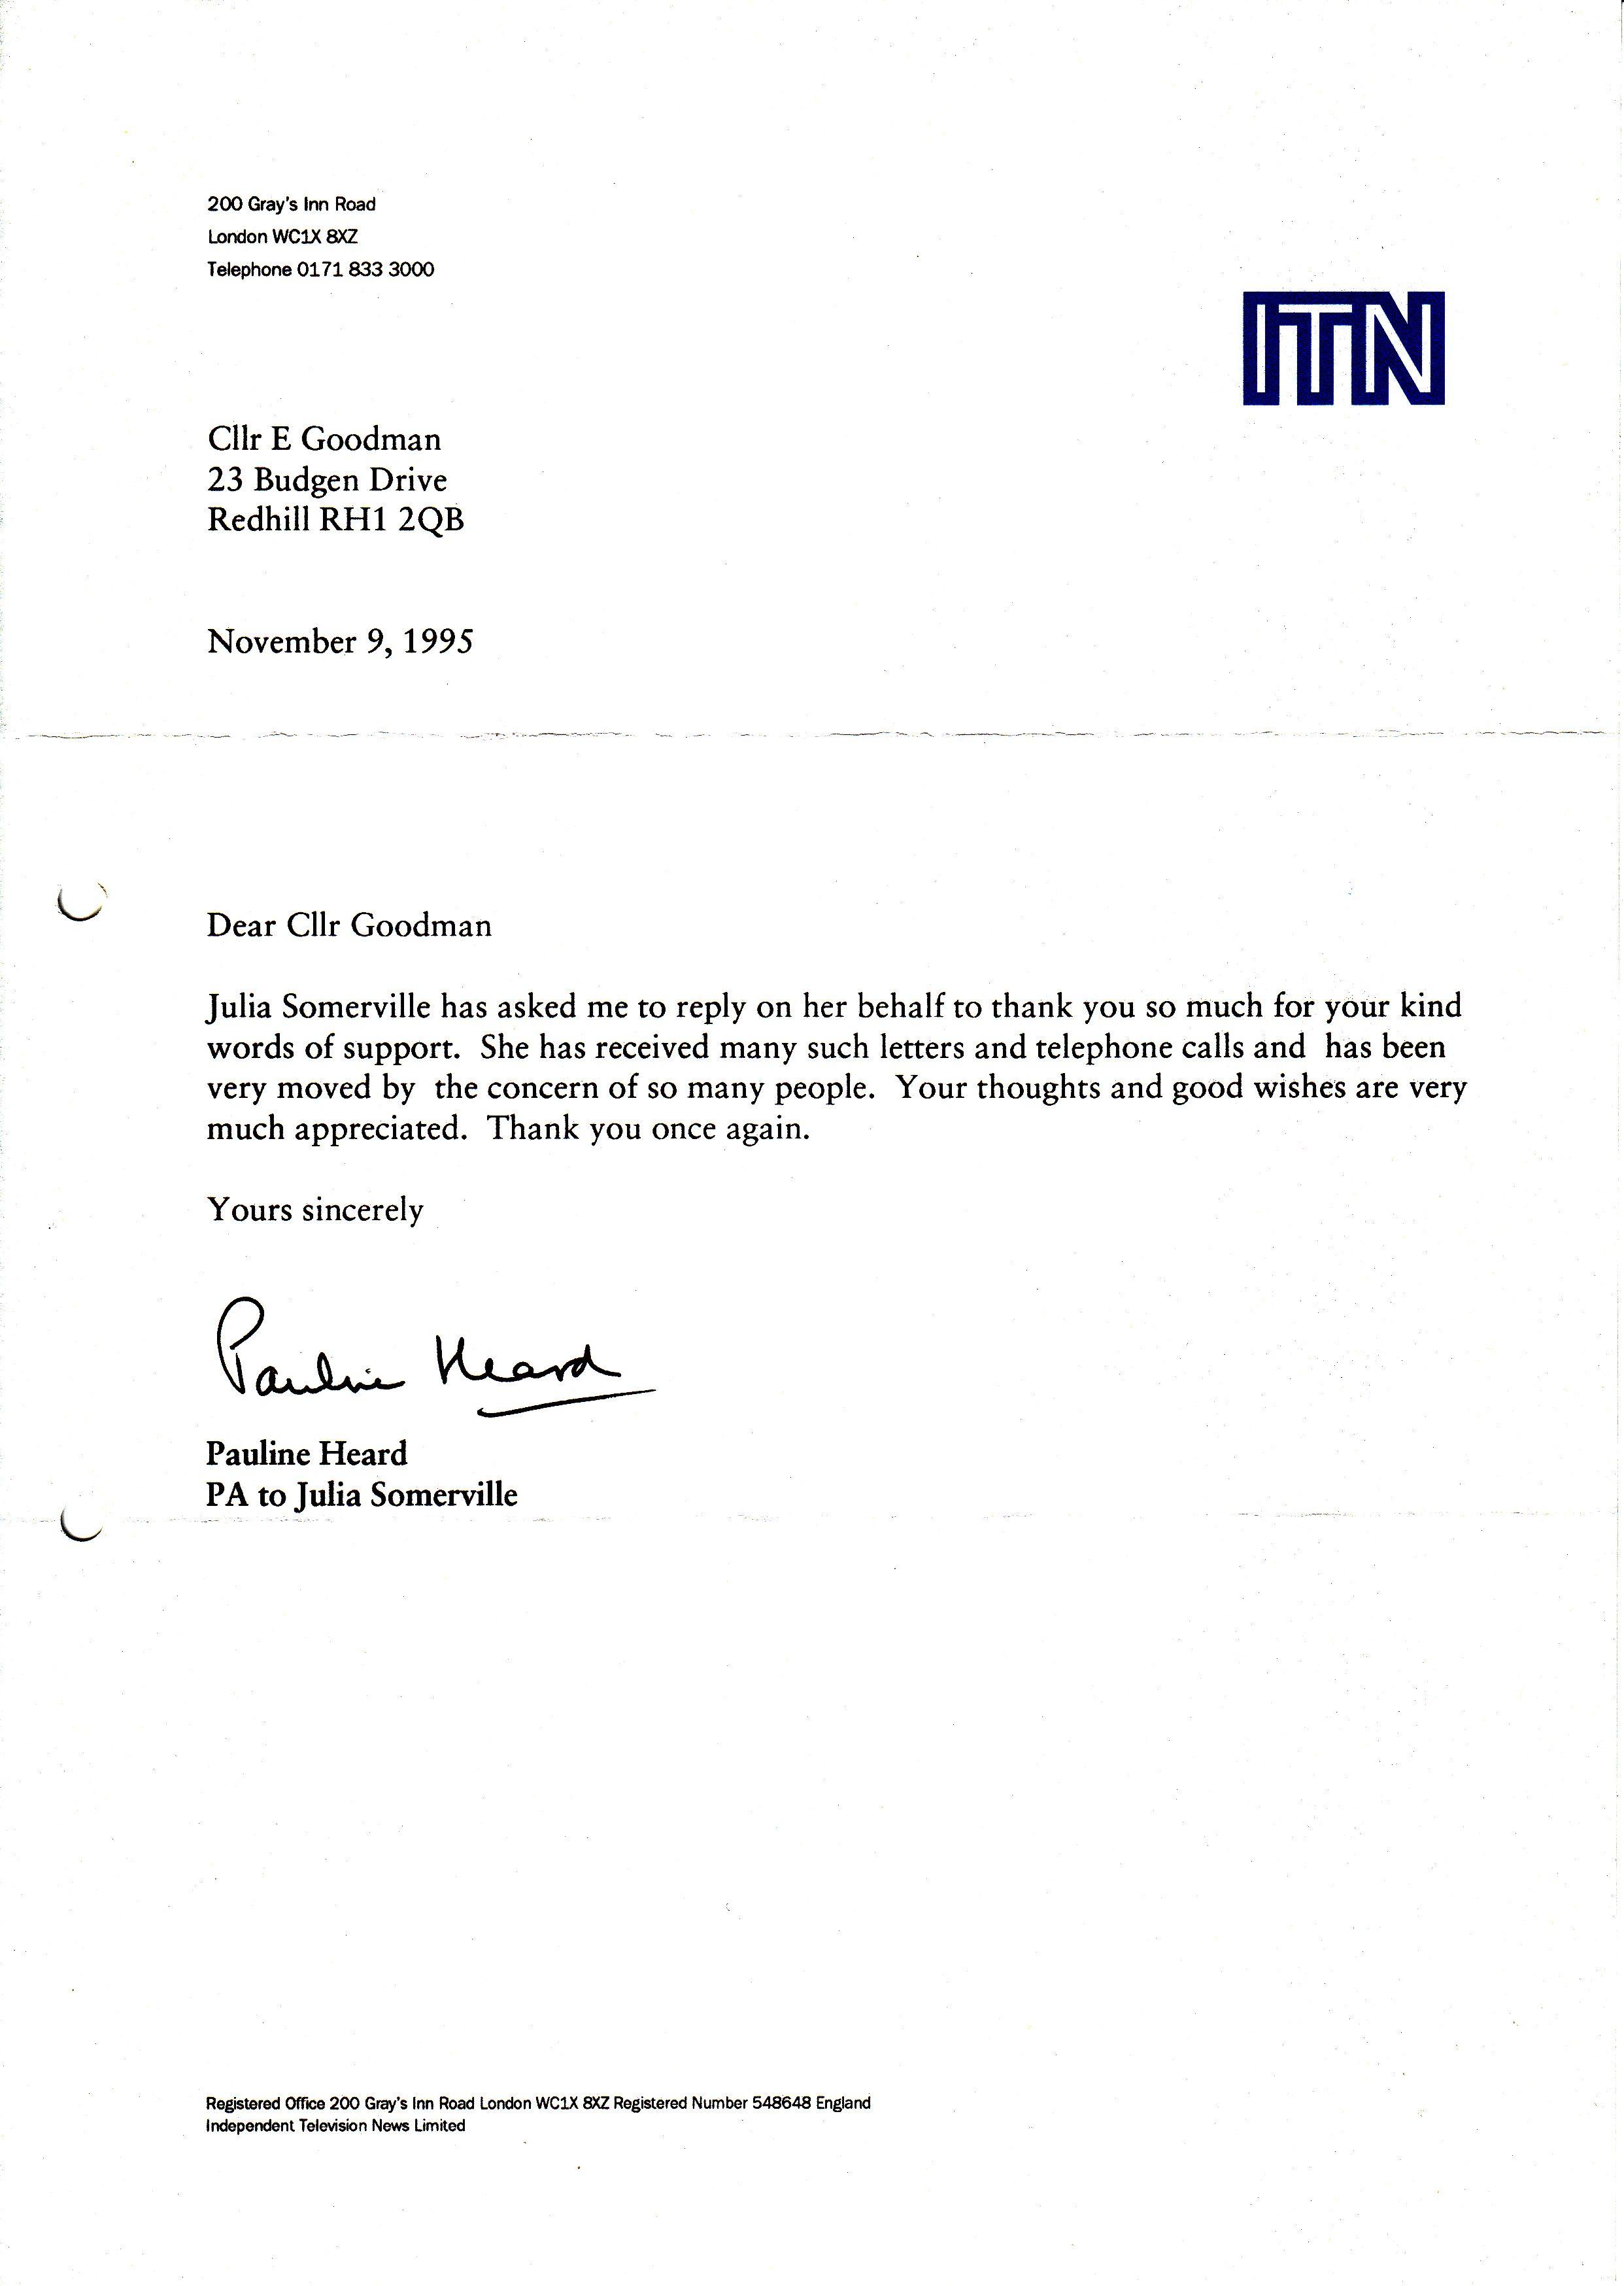 format of resignation letter resume builder format of resignation letter request letter to bank letter format copy of resignation letter sample